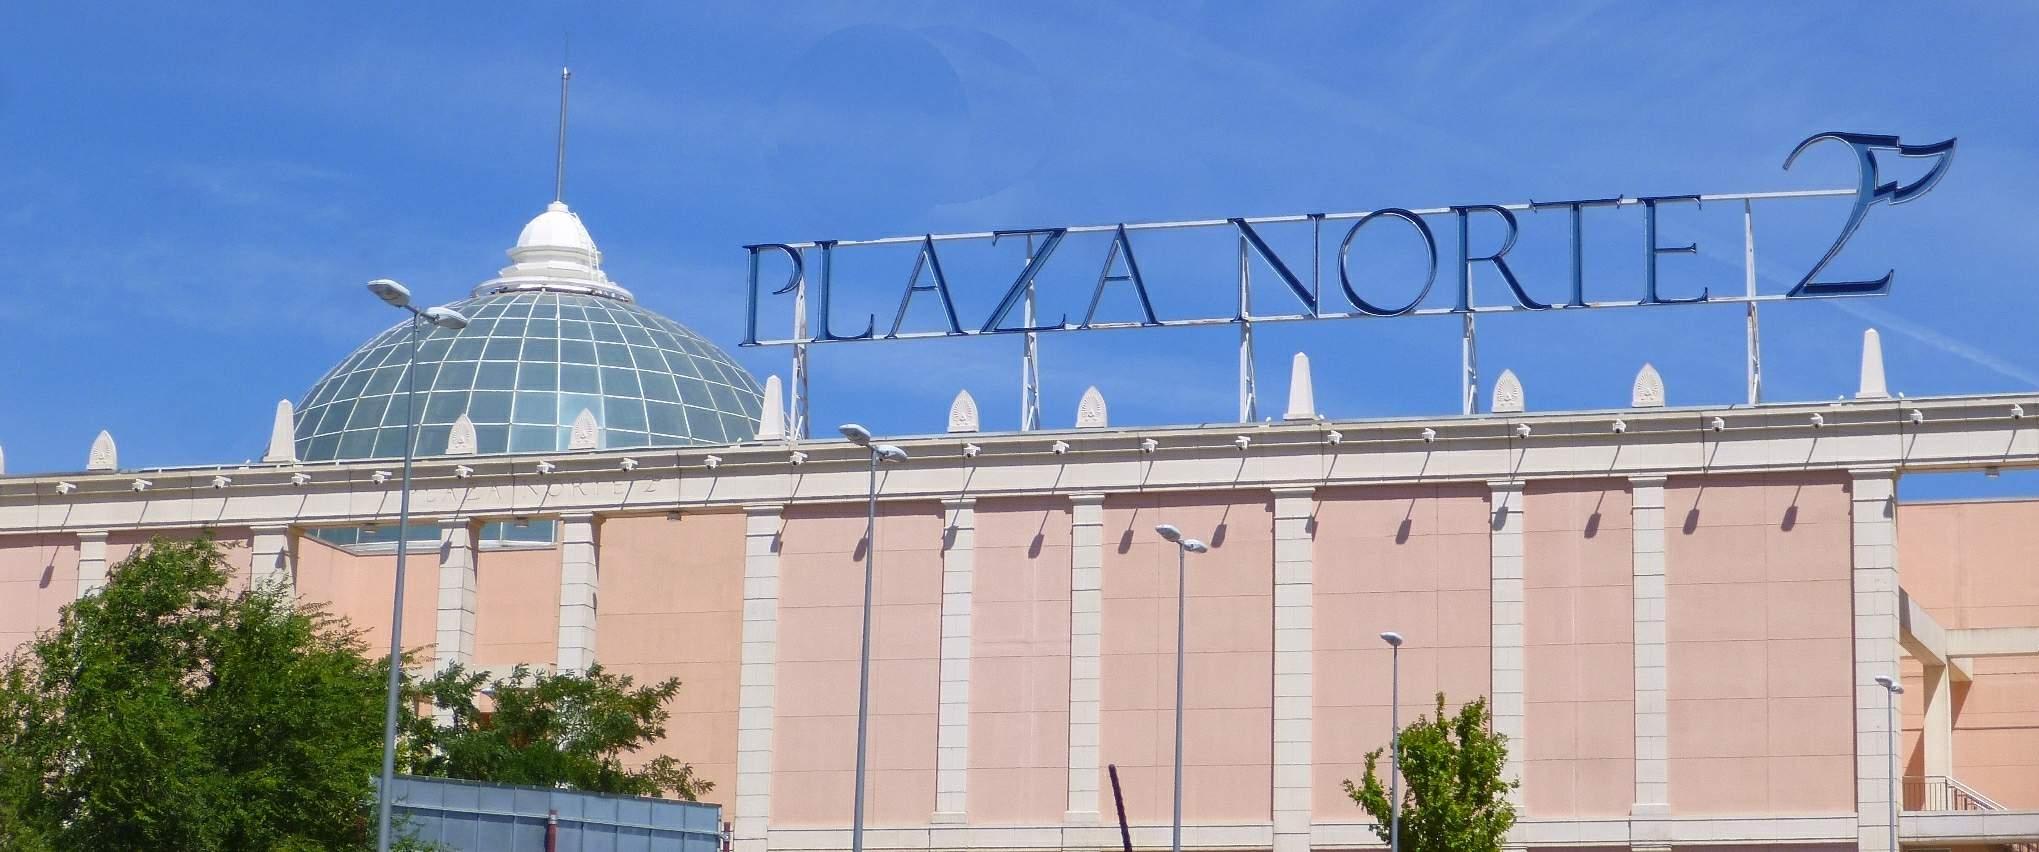 إسبانيا مدريد افضل اماكن التوق والمطاعم مجمع سي سي بلازا